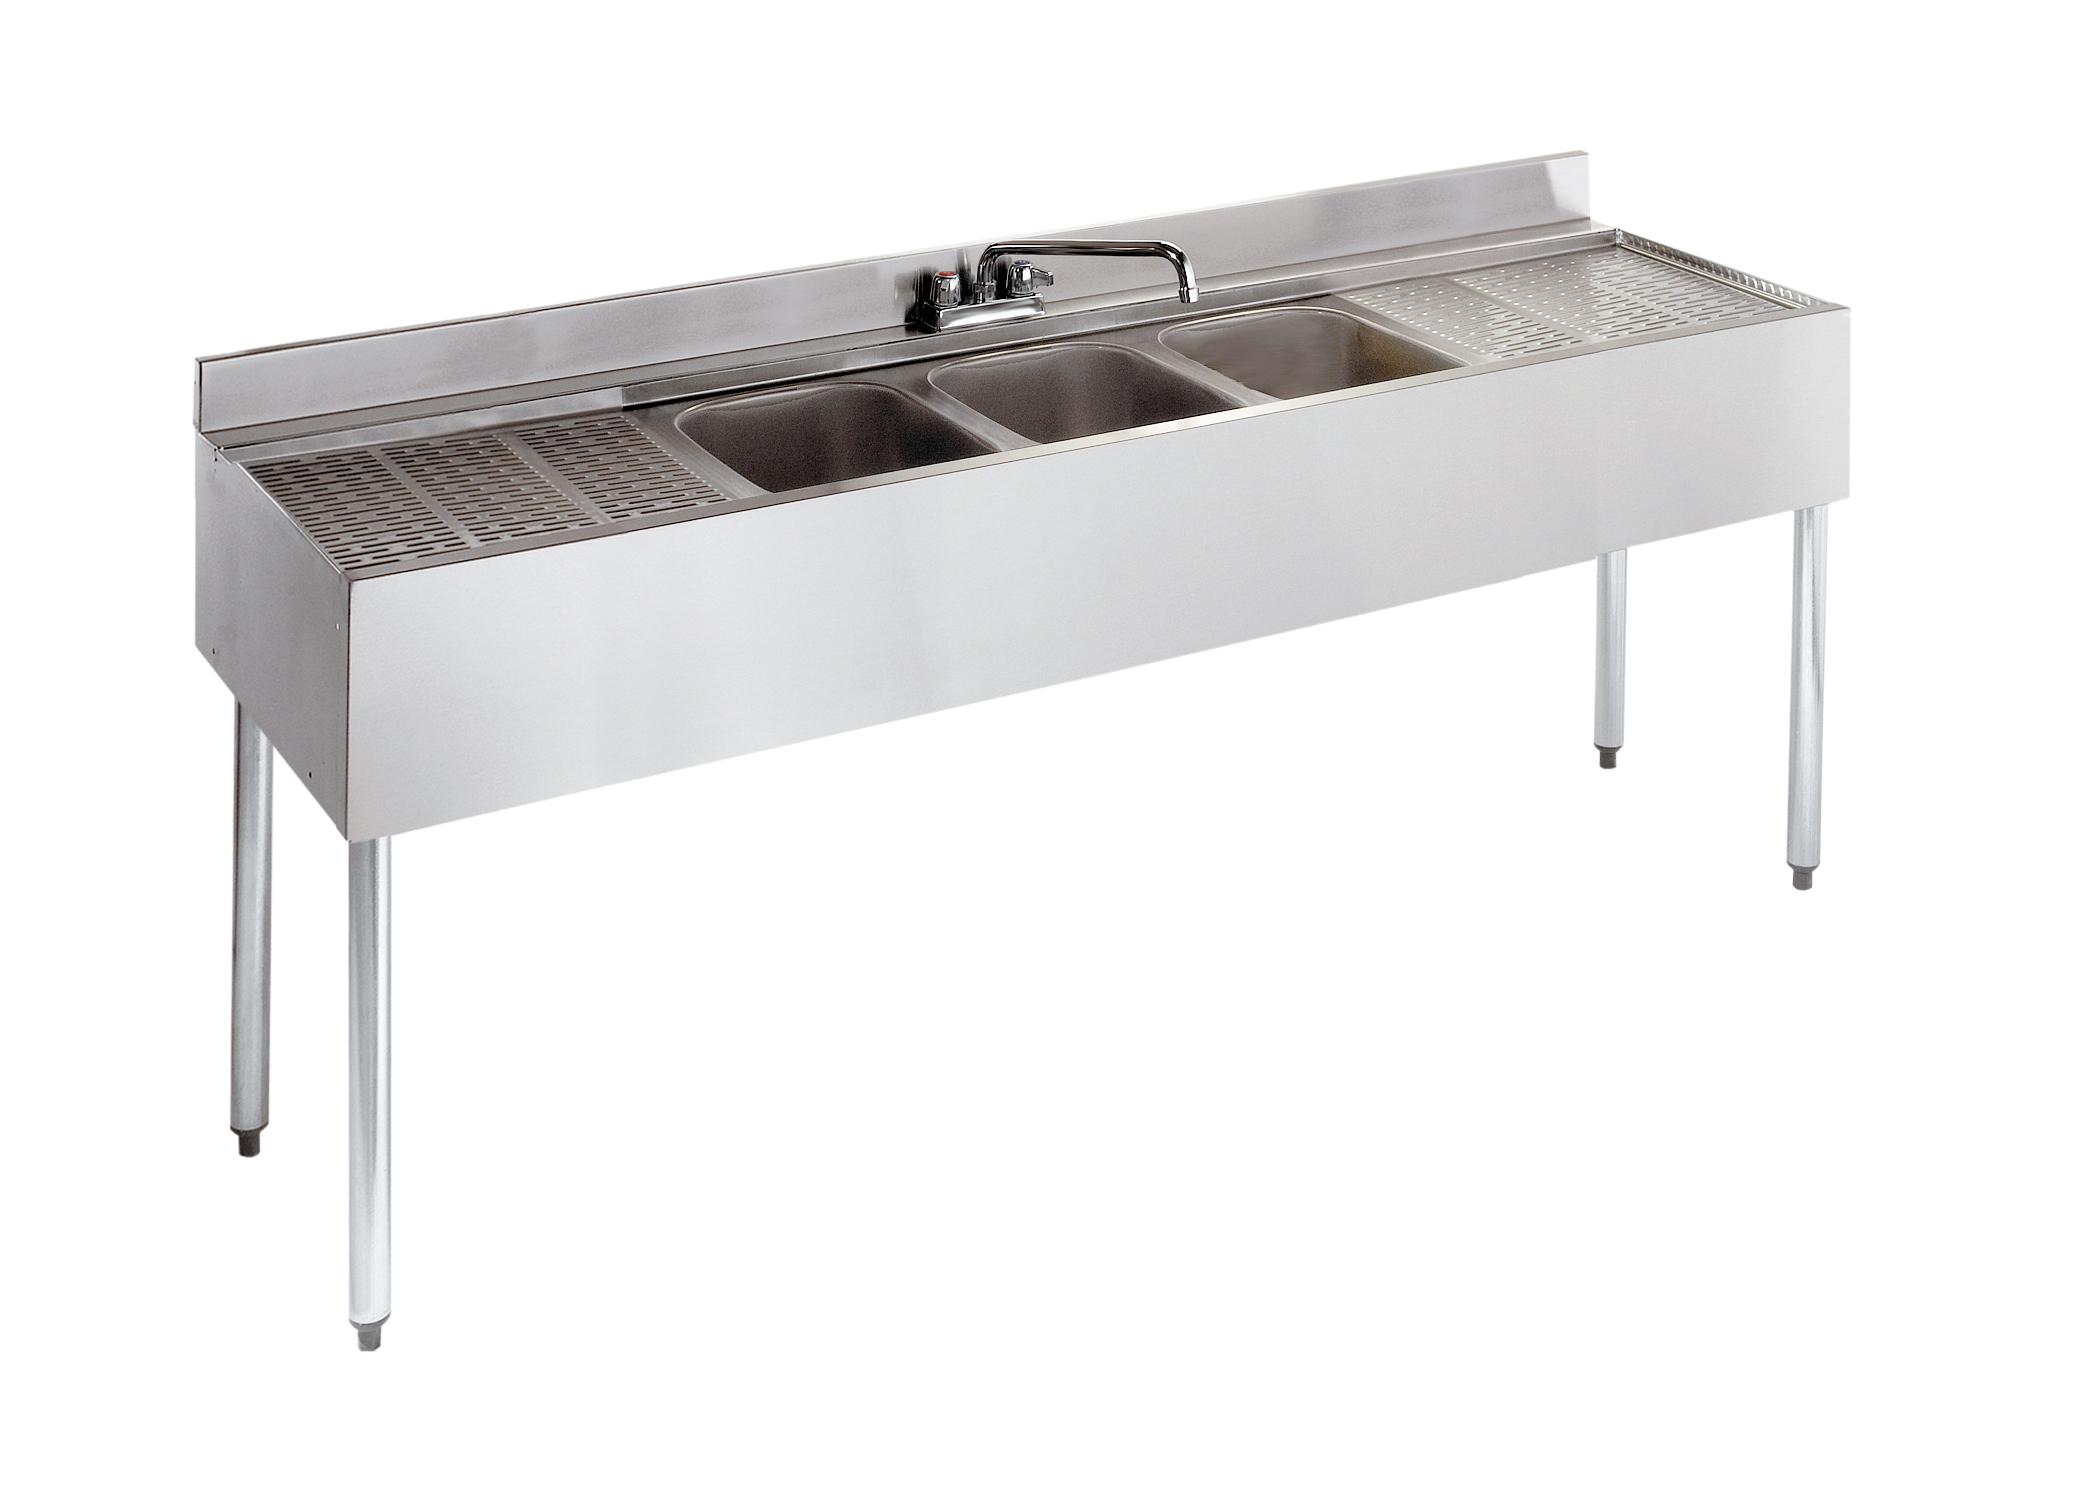 Krowne Metal 21-63C underbar sink units